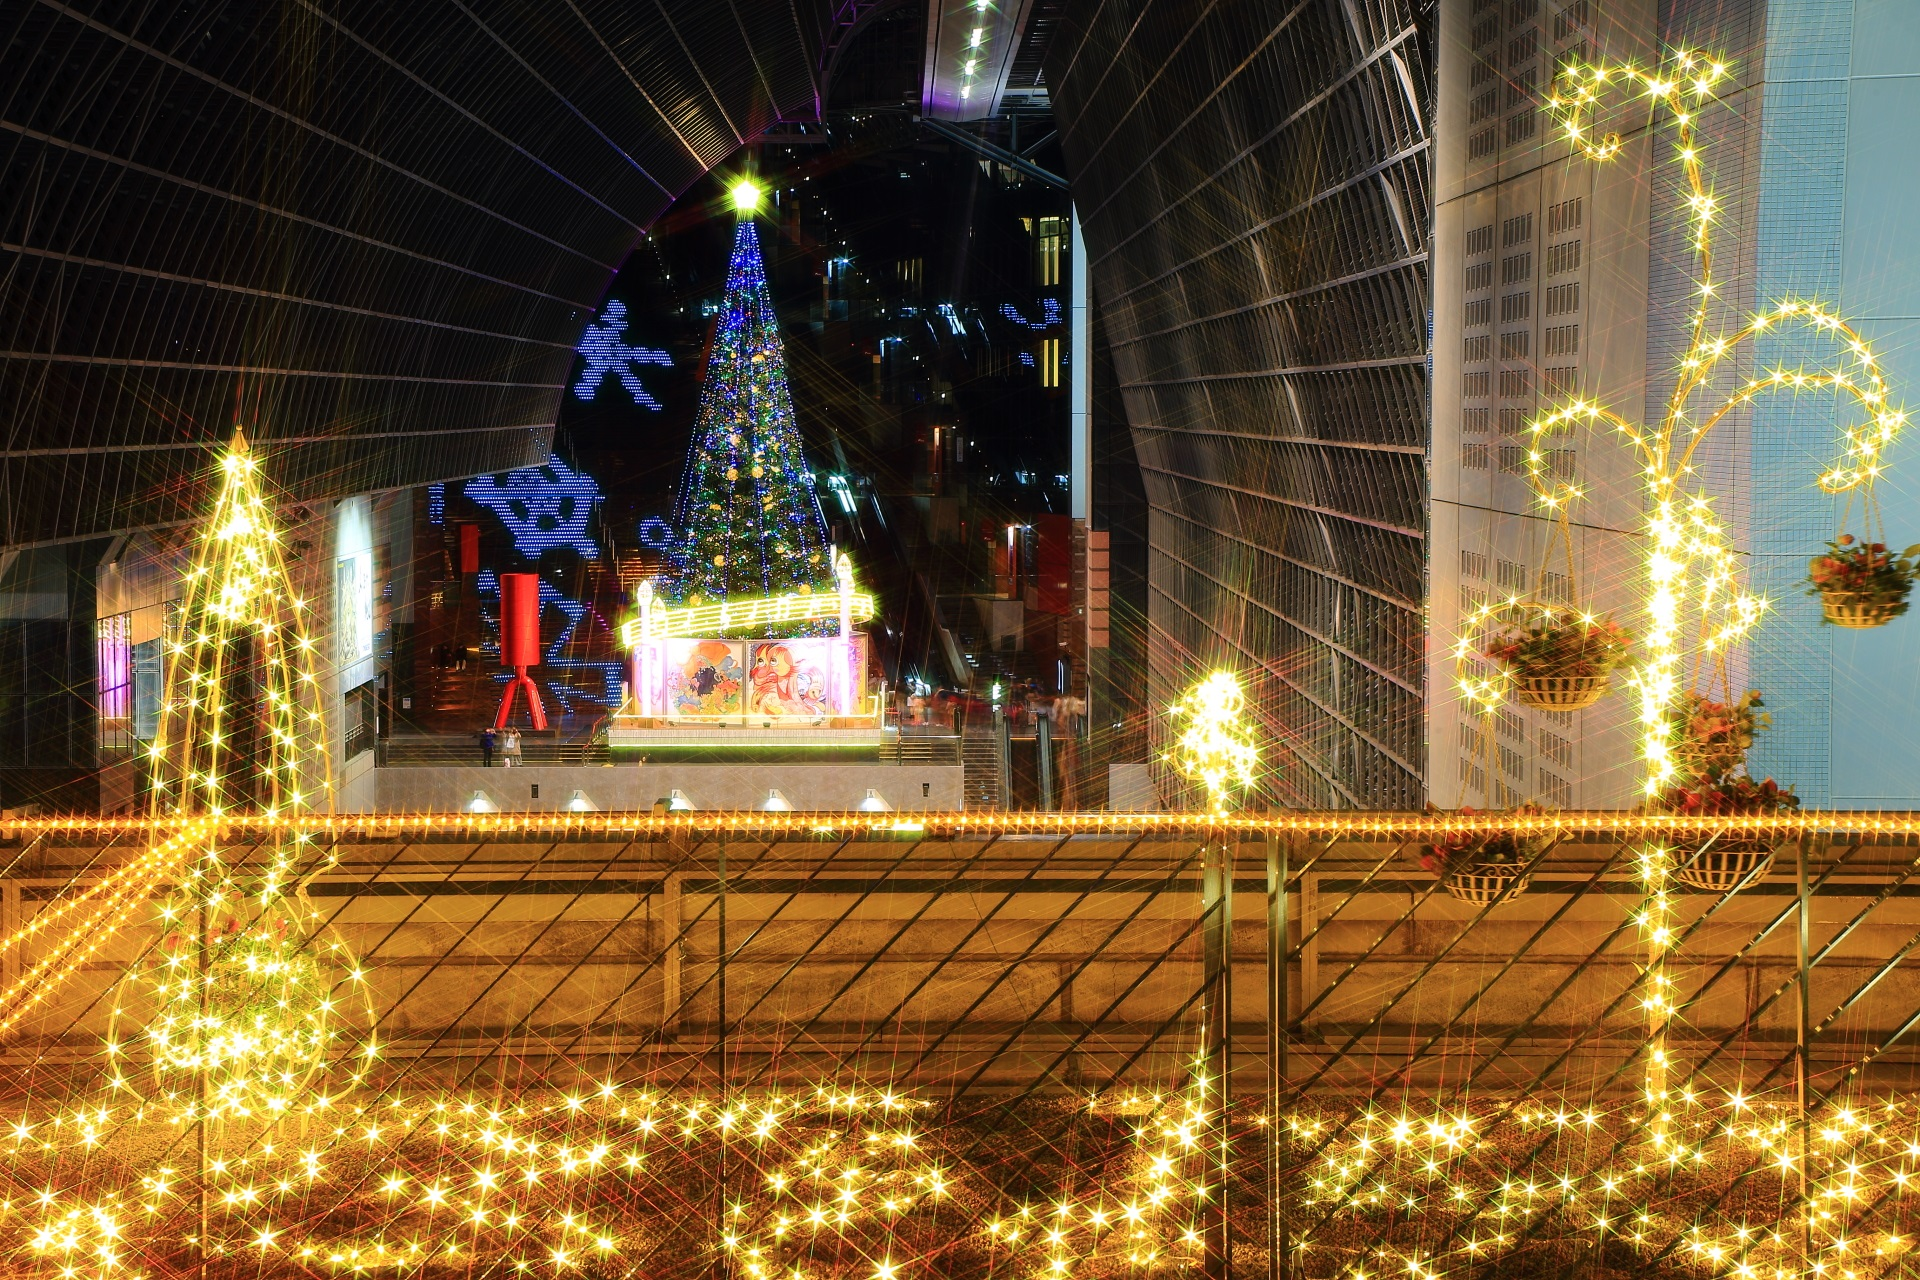 手前のイルミネーションとクリスマスツリー